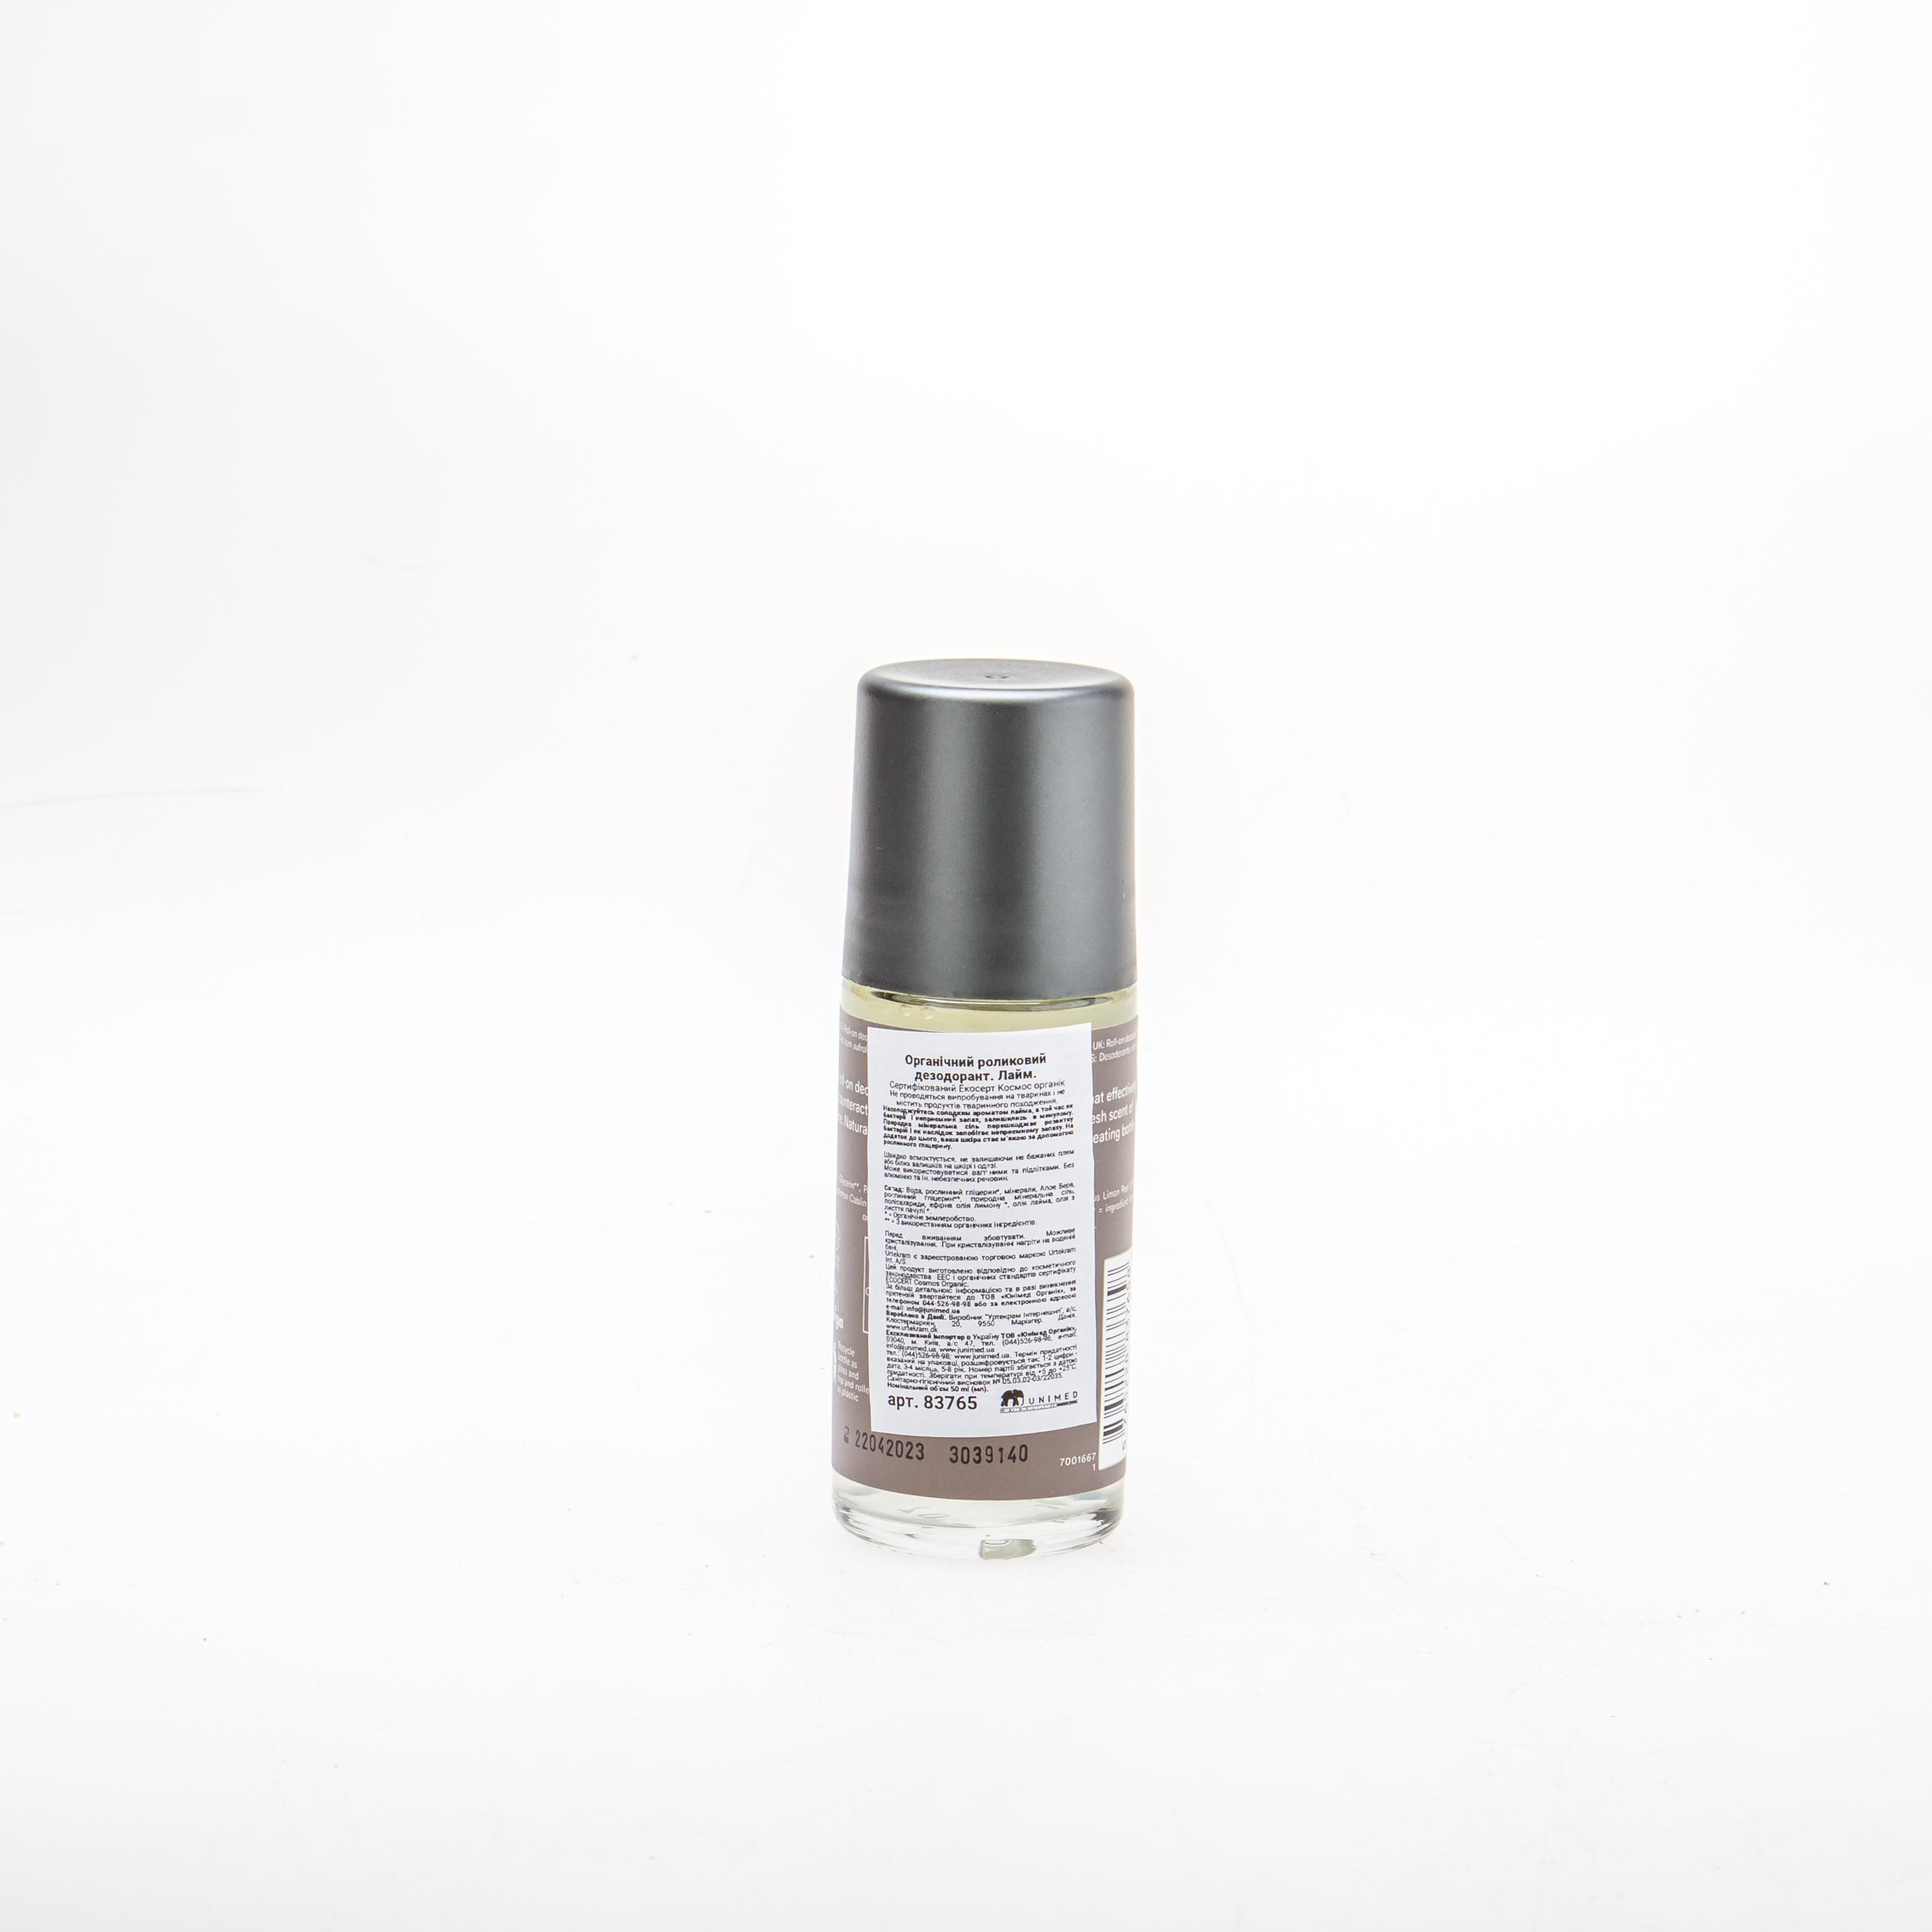 Urtekram Органічний роликовий дезодорант Лайм, 50мл - купити в інтернет-магазині Юнимед